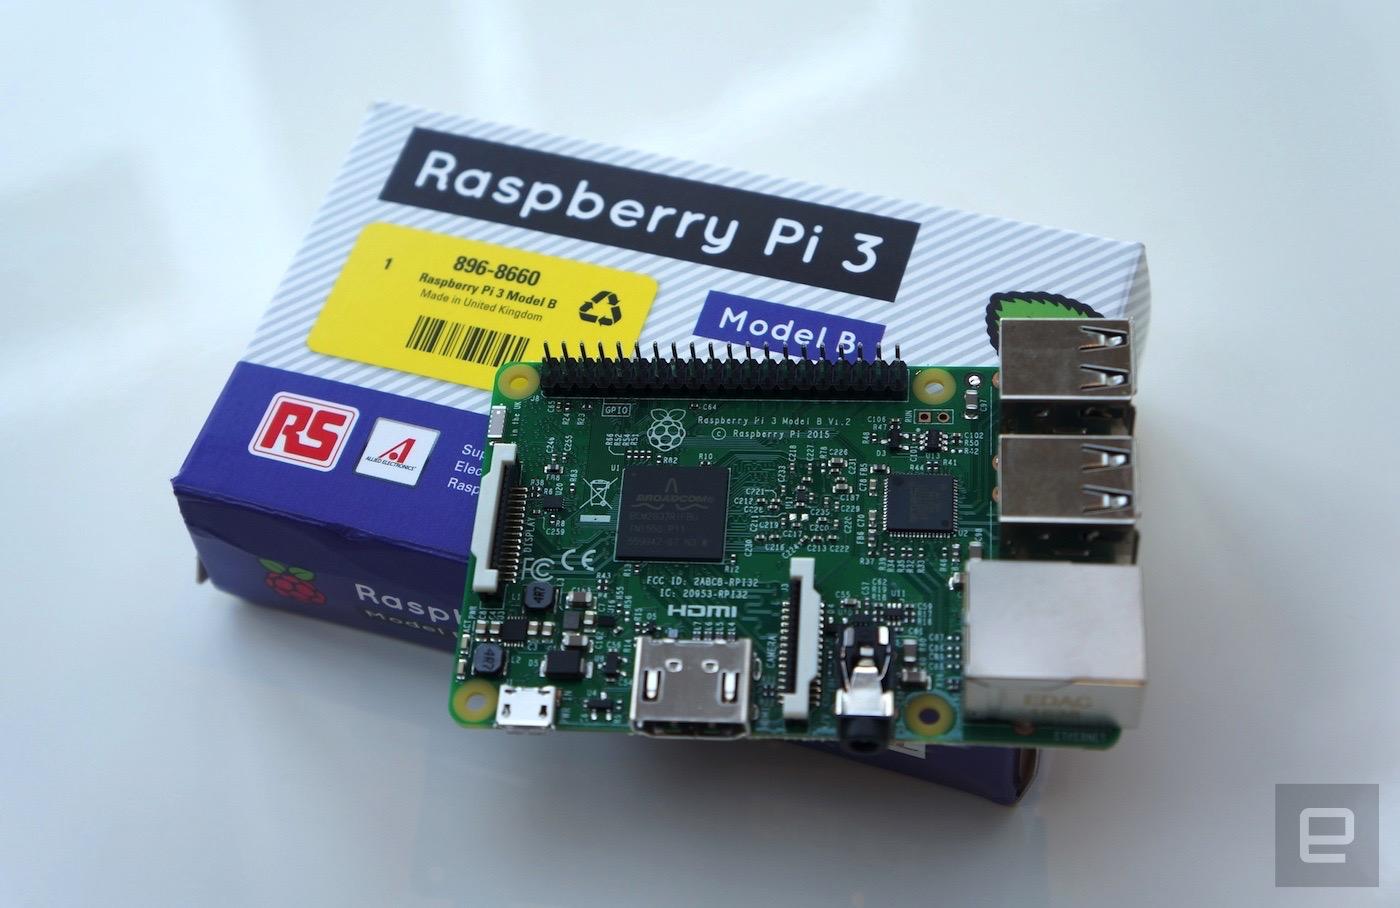 Raspberry Pi 3 tiene un procesador de 64-bit y WiFi integrado